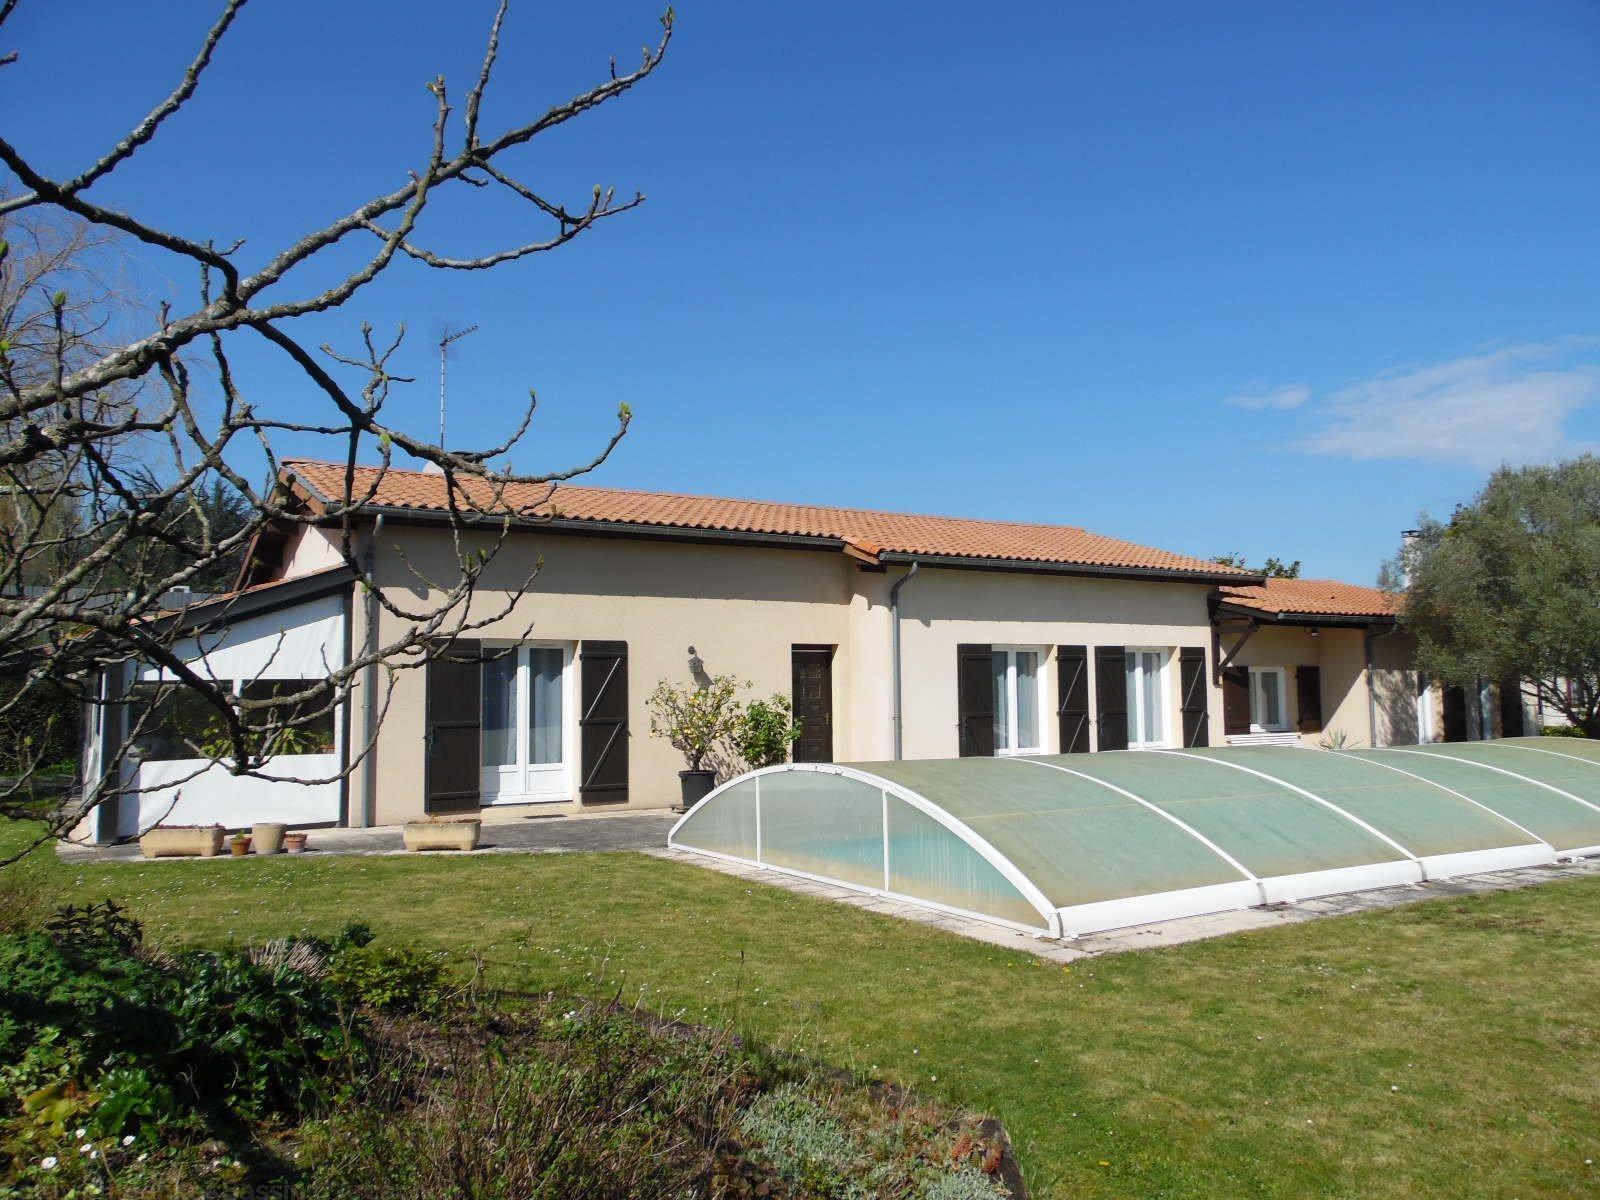 Vente maison villa bordeaux pessac maison de pain pied for Acheter maison bordeaux